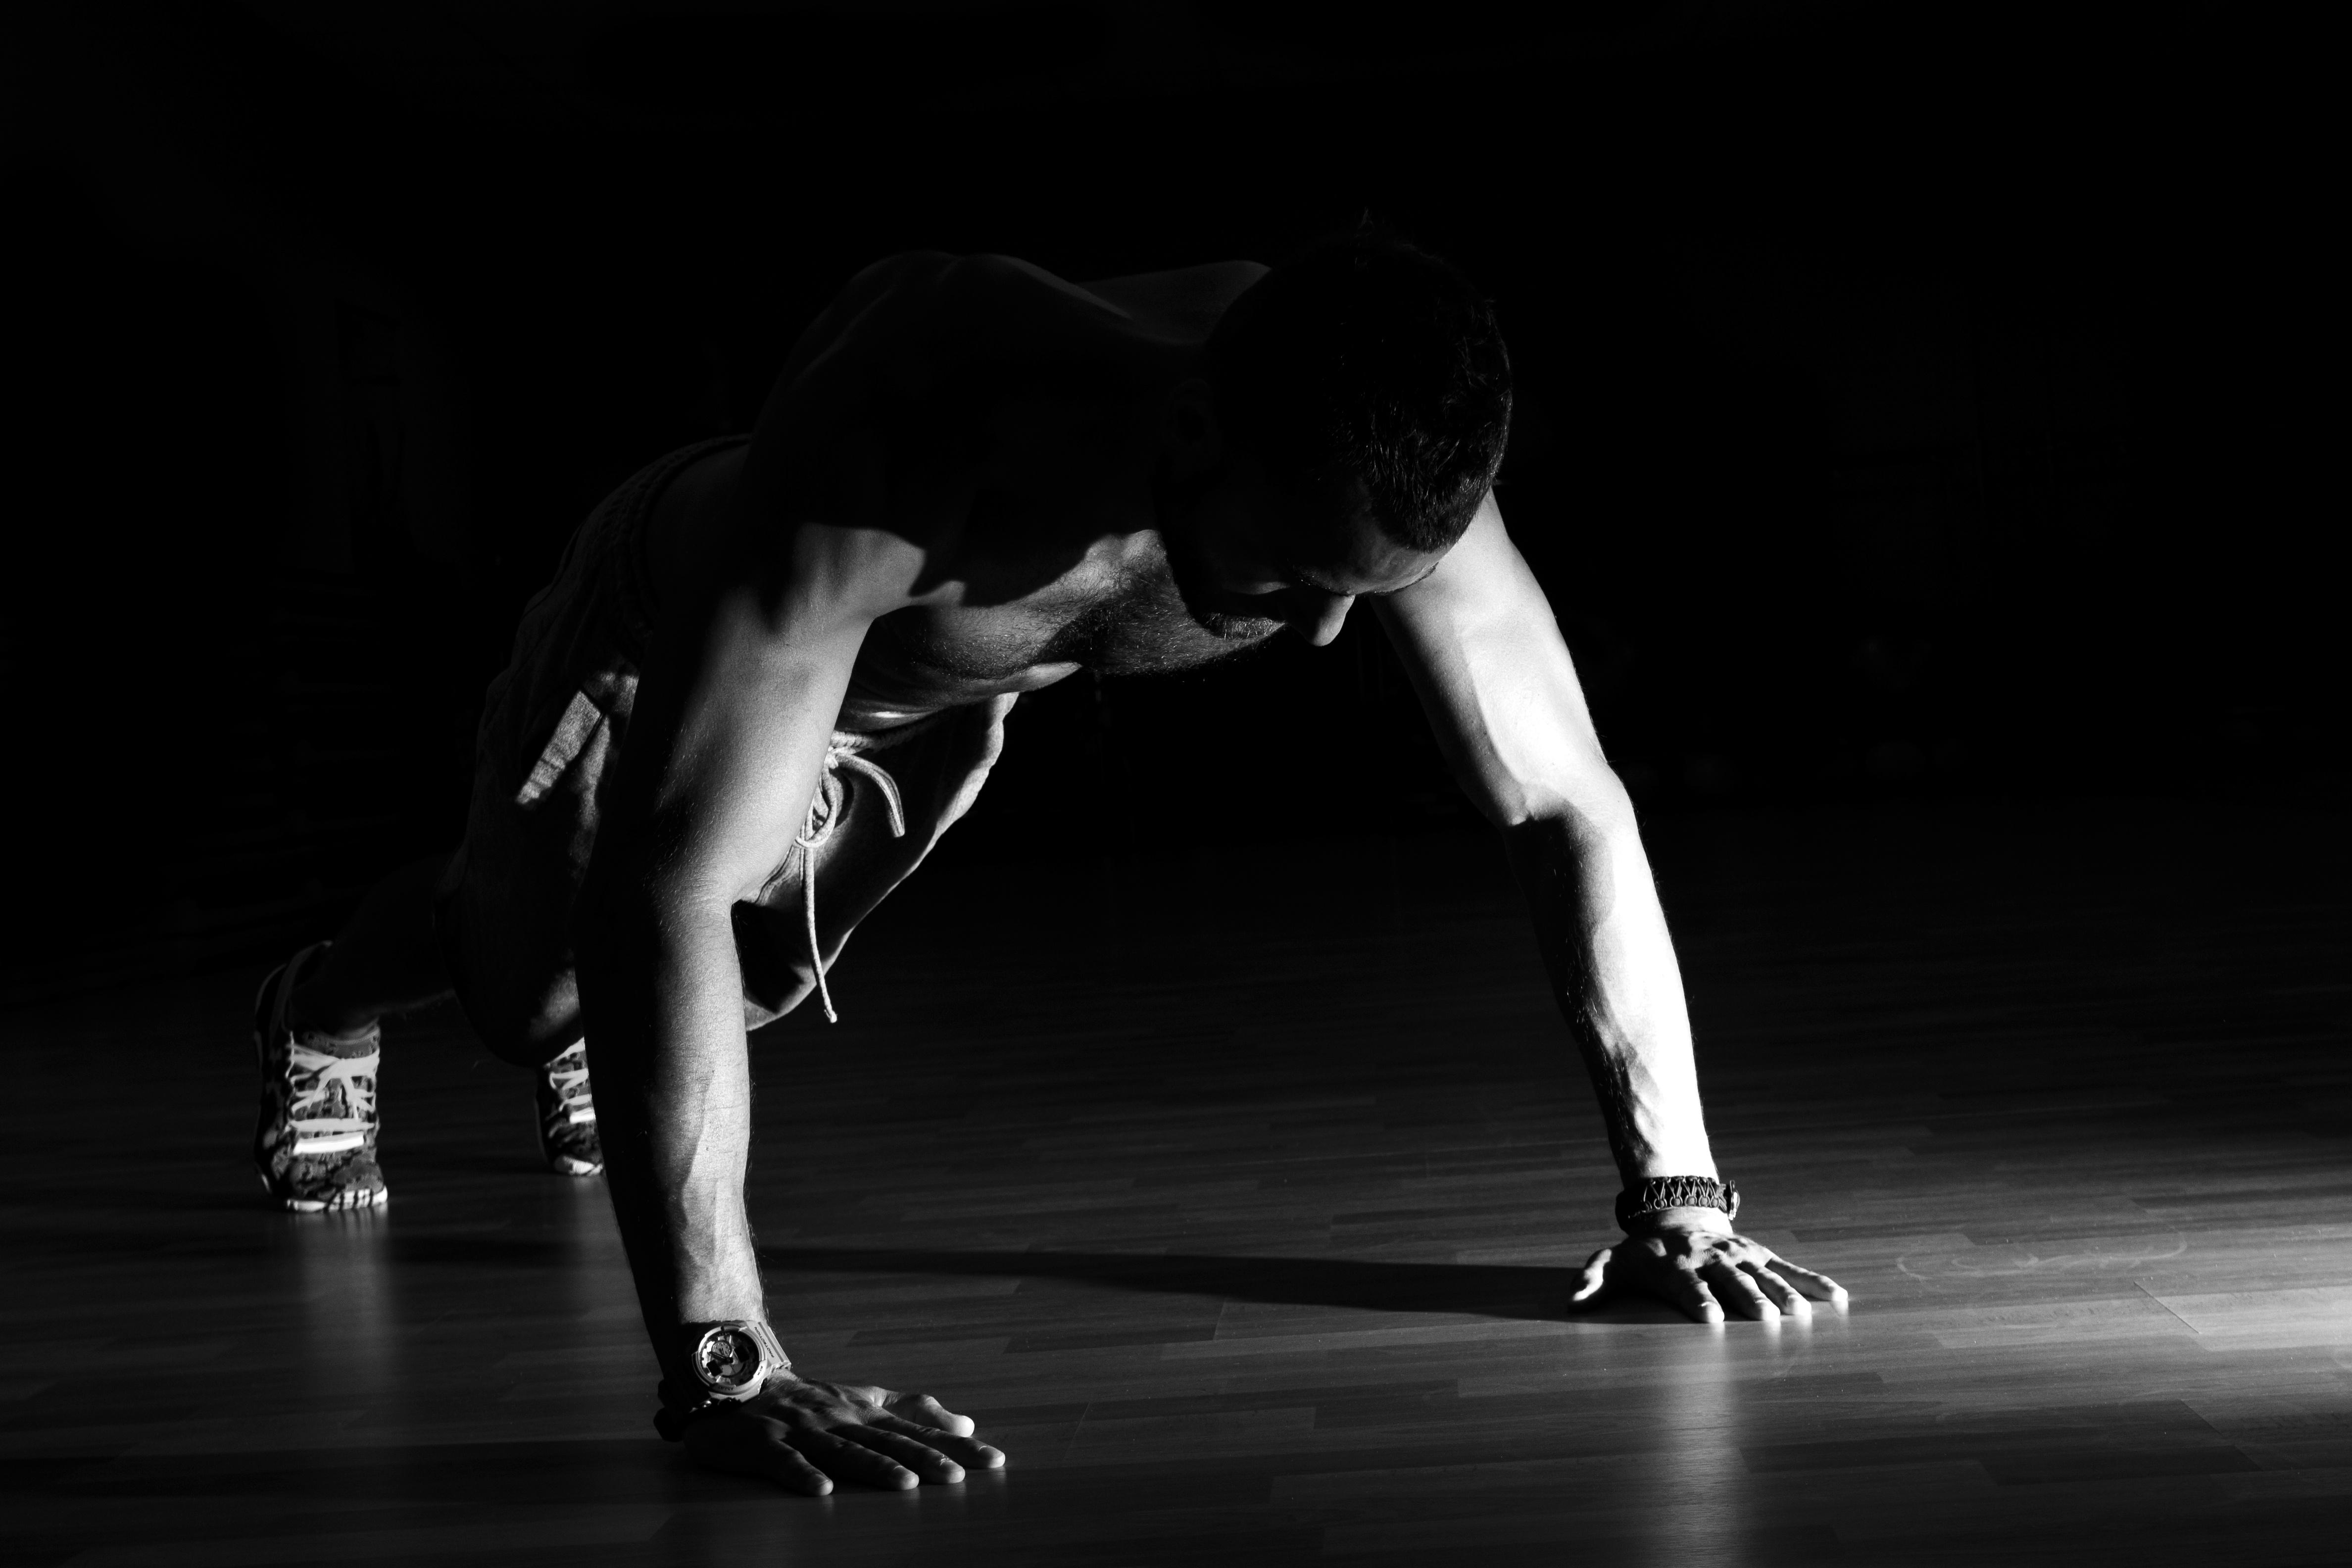 筋力トレーニング中